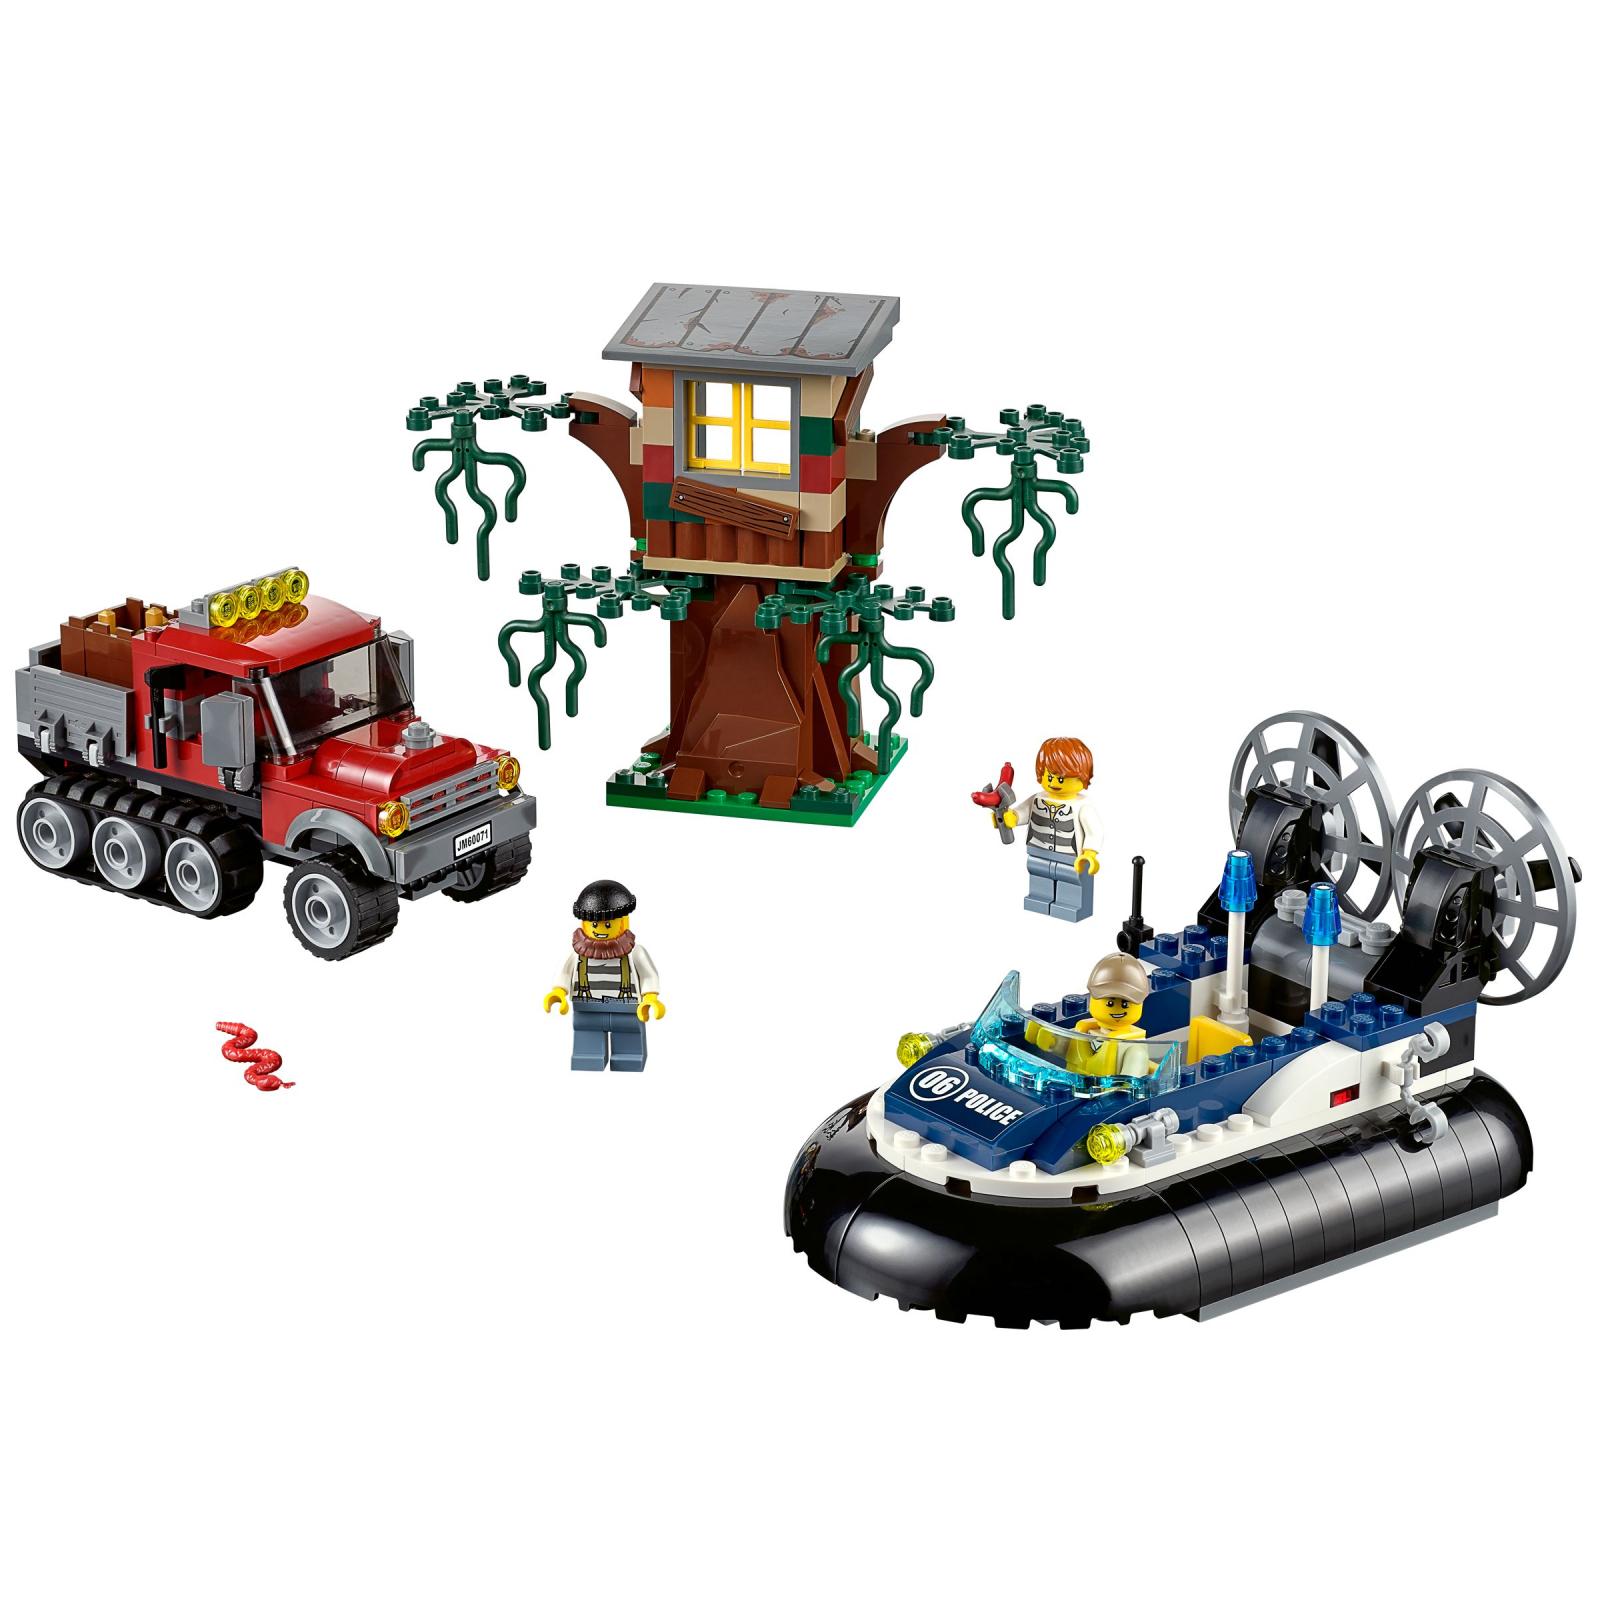 Конструктор LEGO City Полицейский корабль на воздушной подушке (60071) изображение 2